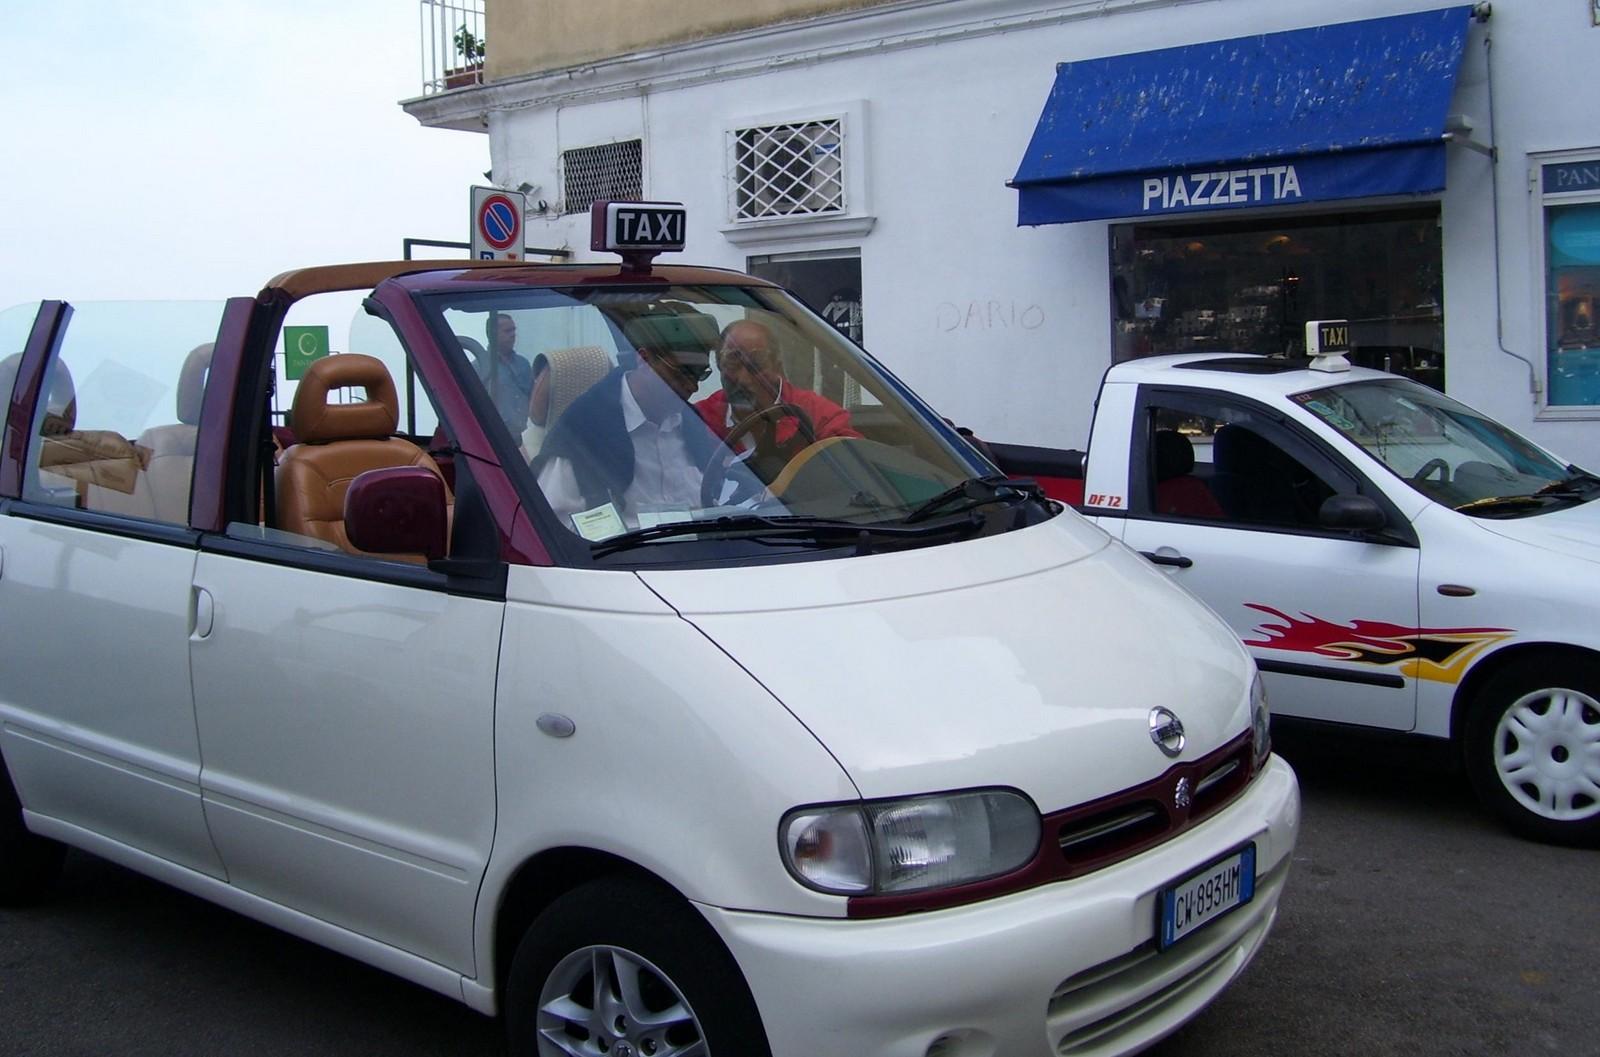 Capri - Taxis auf der Piazzetta